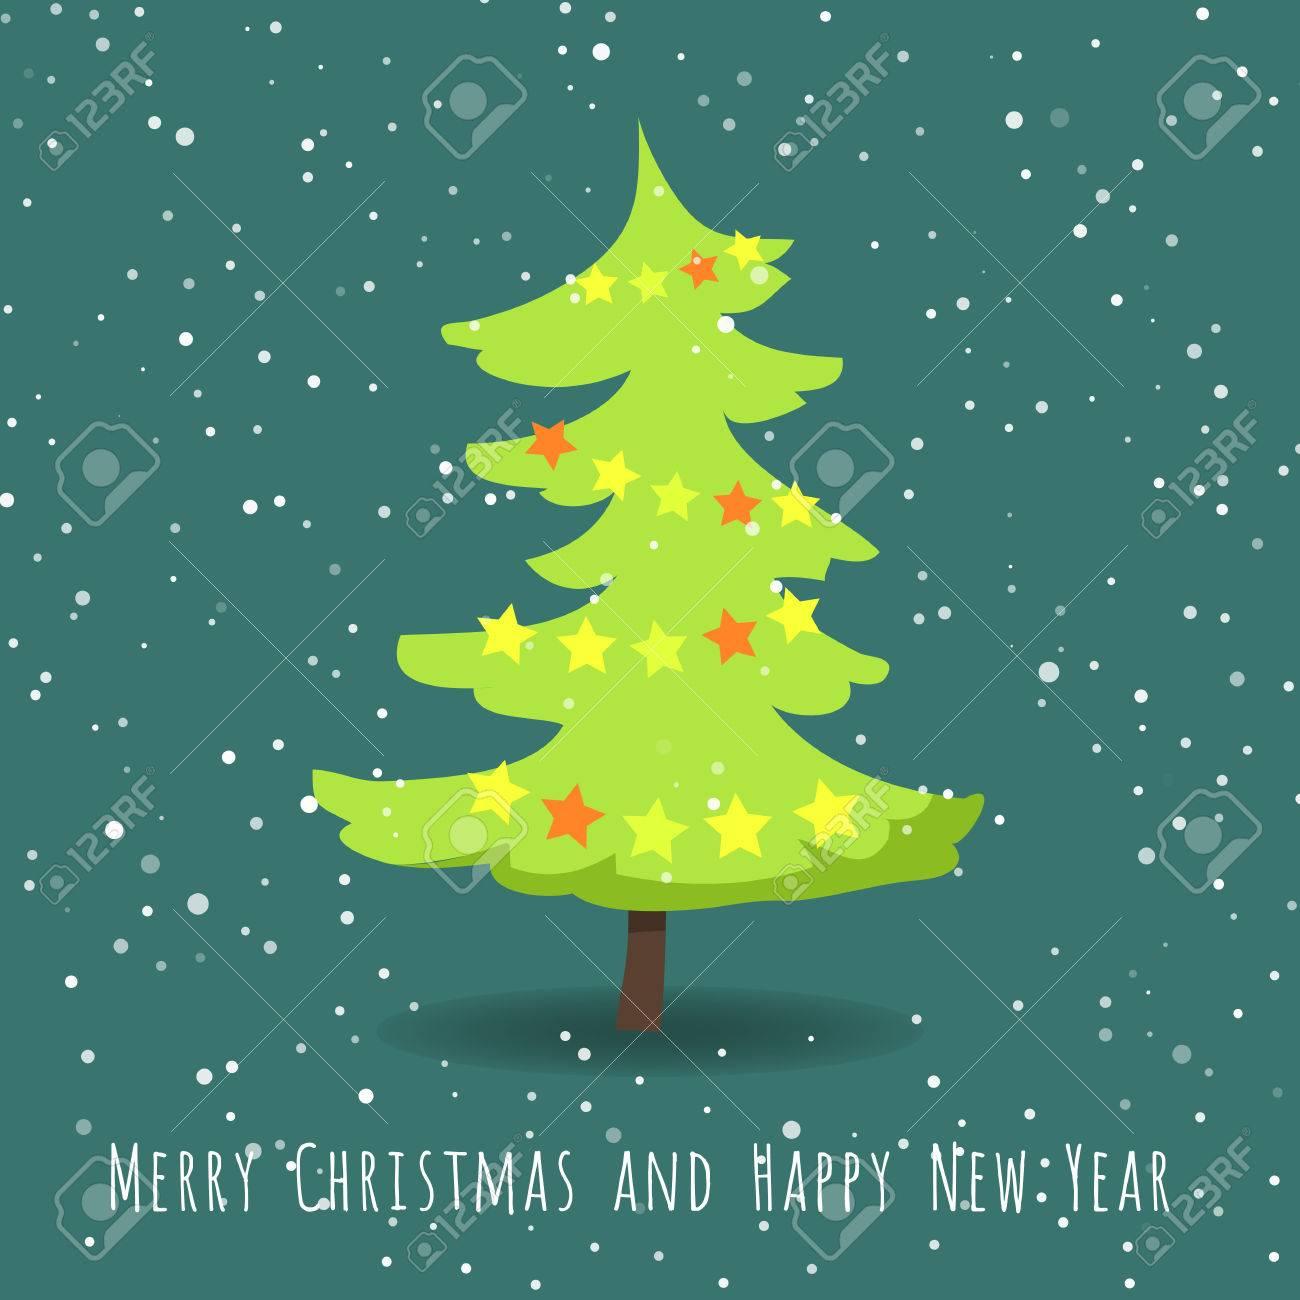 Photos De Joyeux Noel Et Bonne Annee.Joyeux Noel Et Bonne Annee Sapin